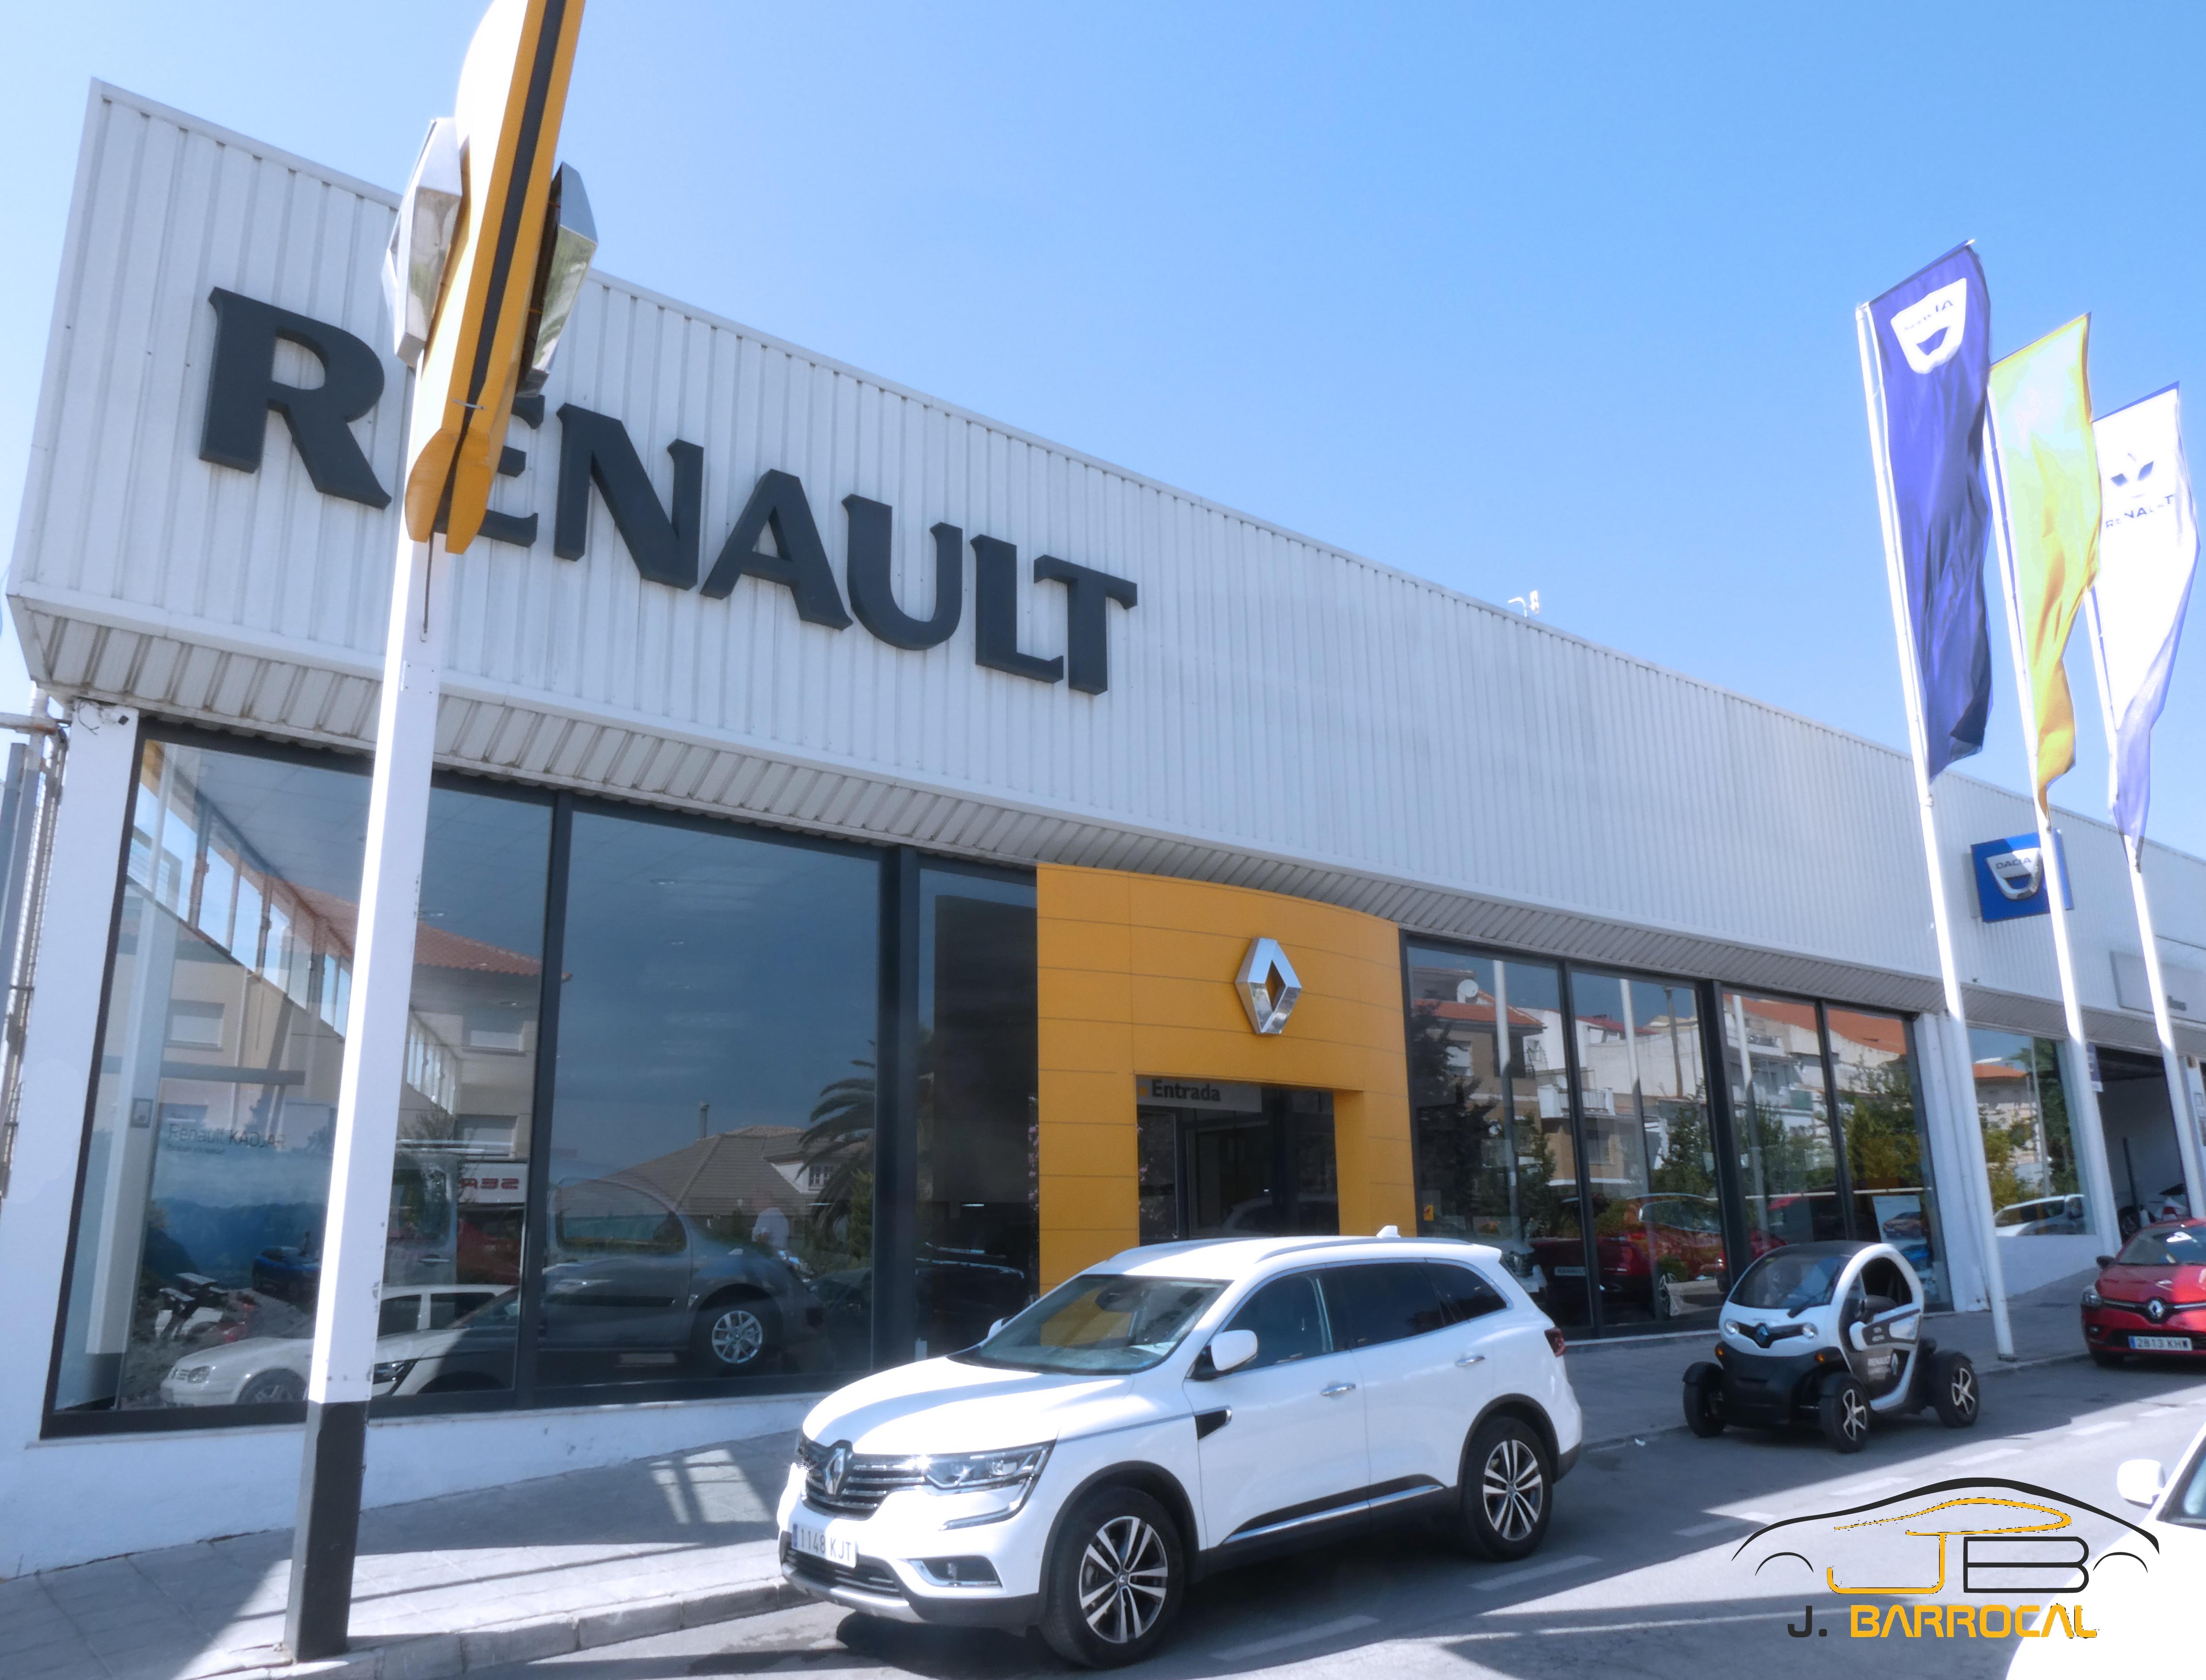 Entrada Renault